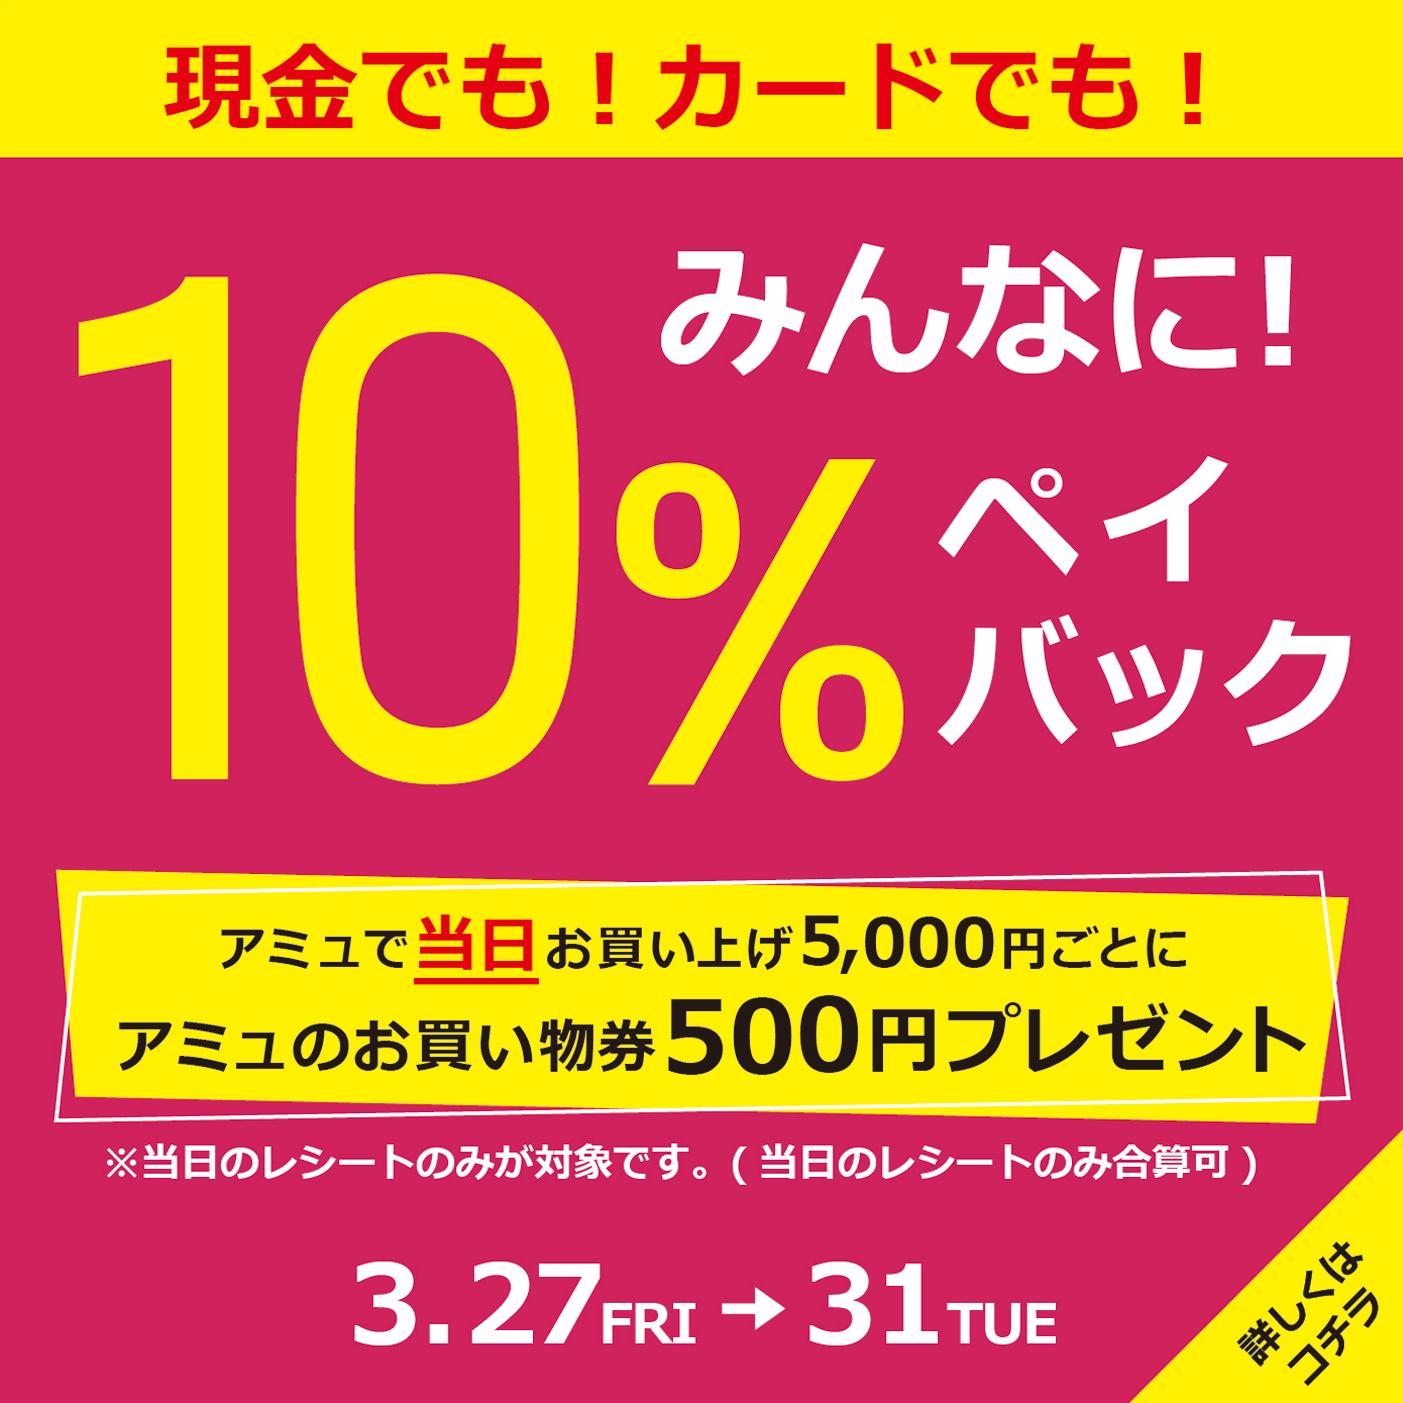 【アミュ長崎店限定】みんなに10%ペイバック開催